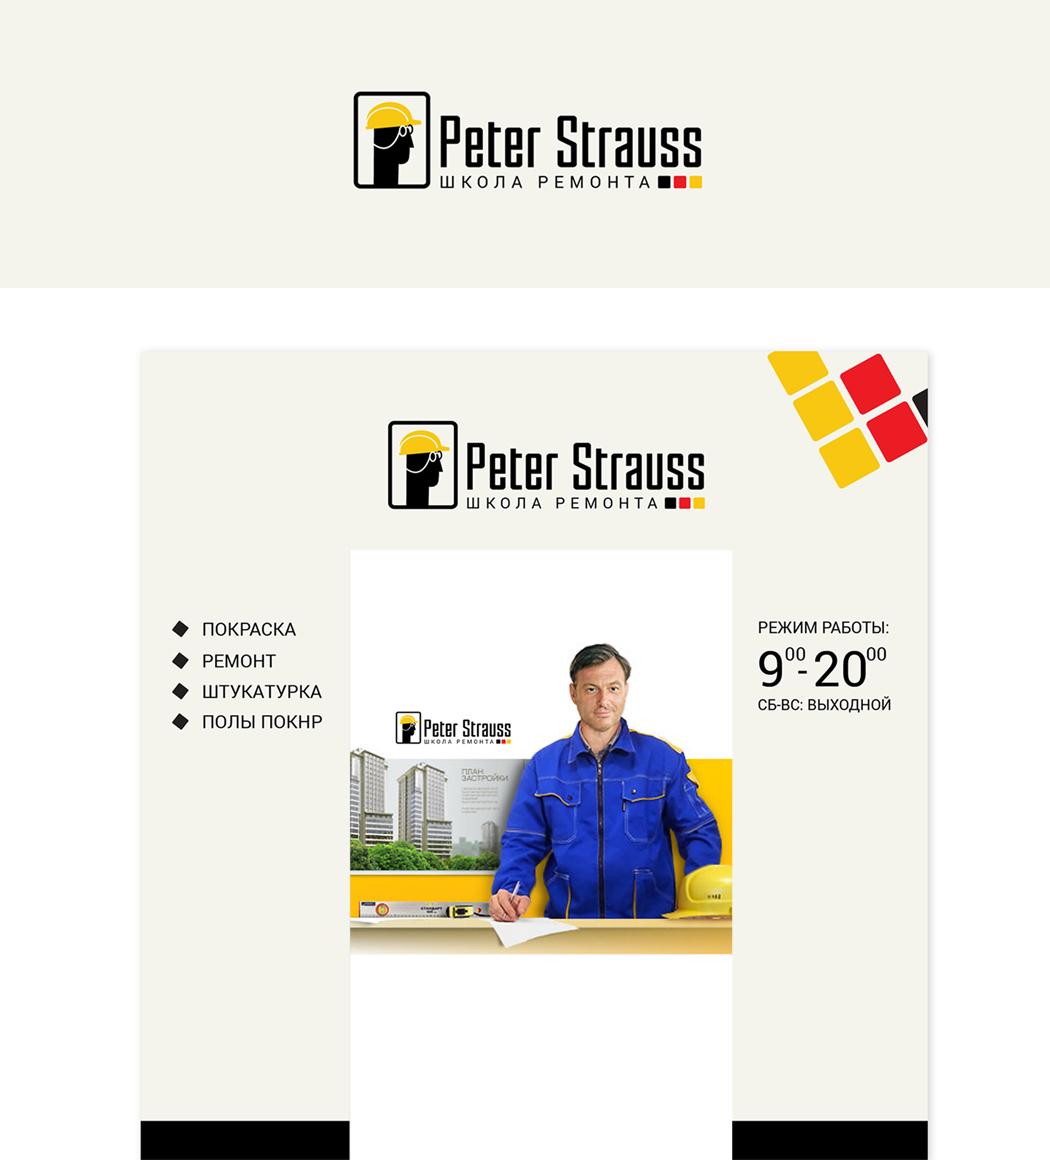 Школа ремонта Peter Strauss